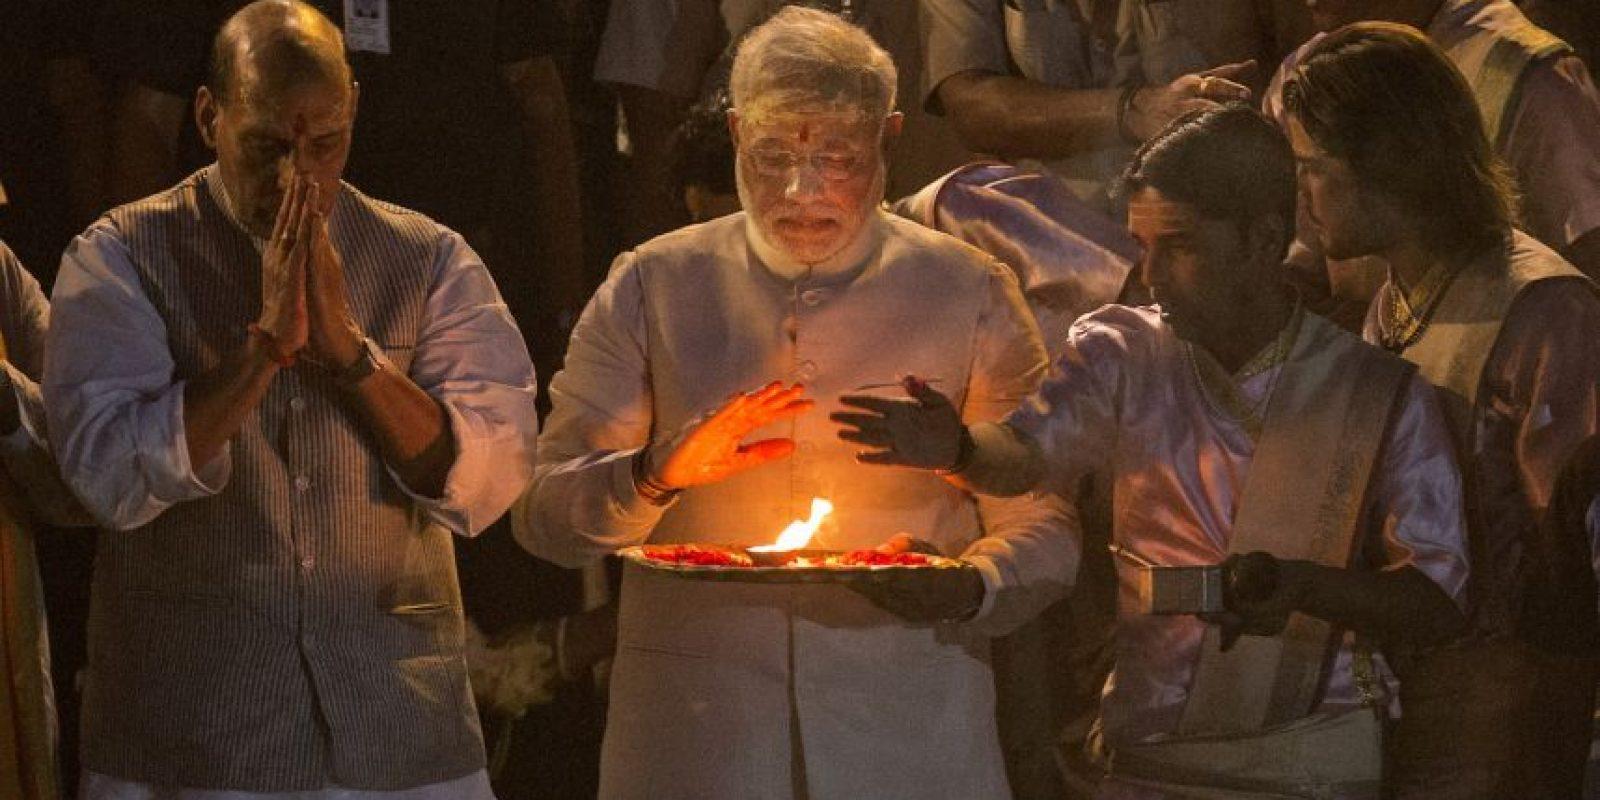 Según palabras de Modi, la India es el país más joven del mundo con una cultura muy antigua. Foto:Getty Images